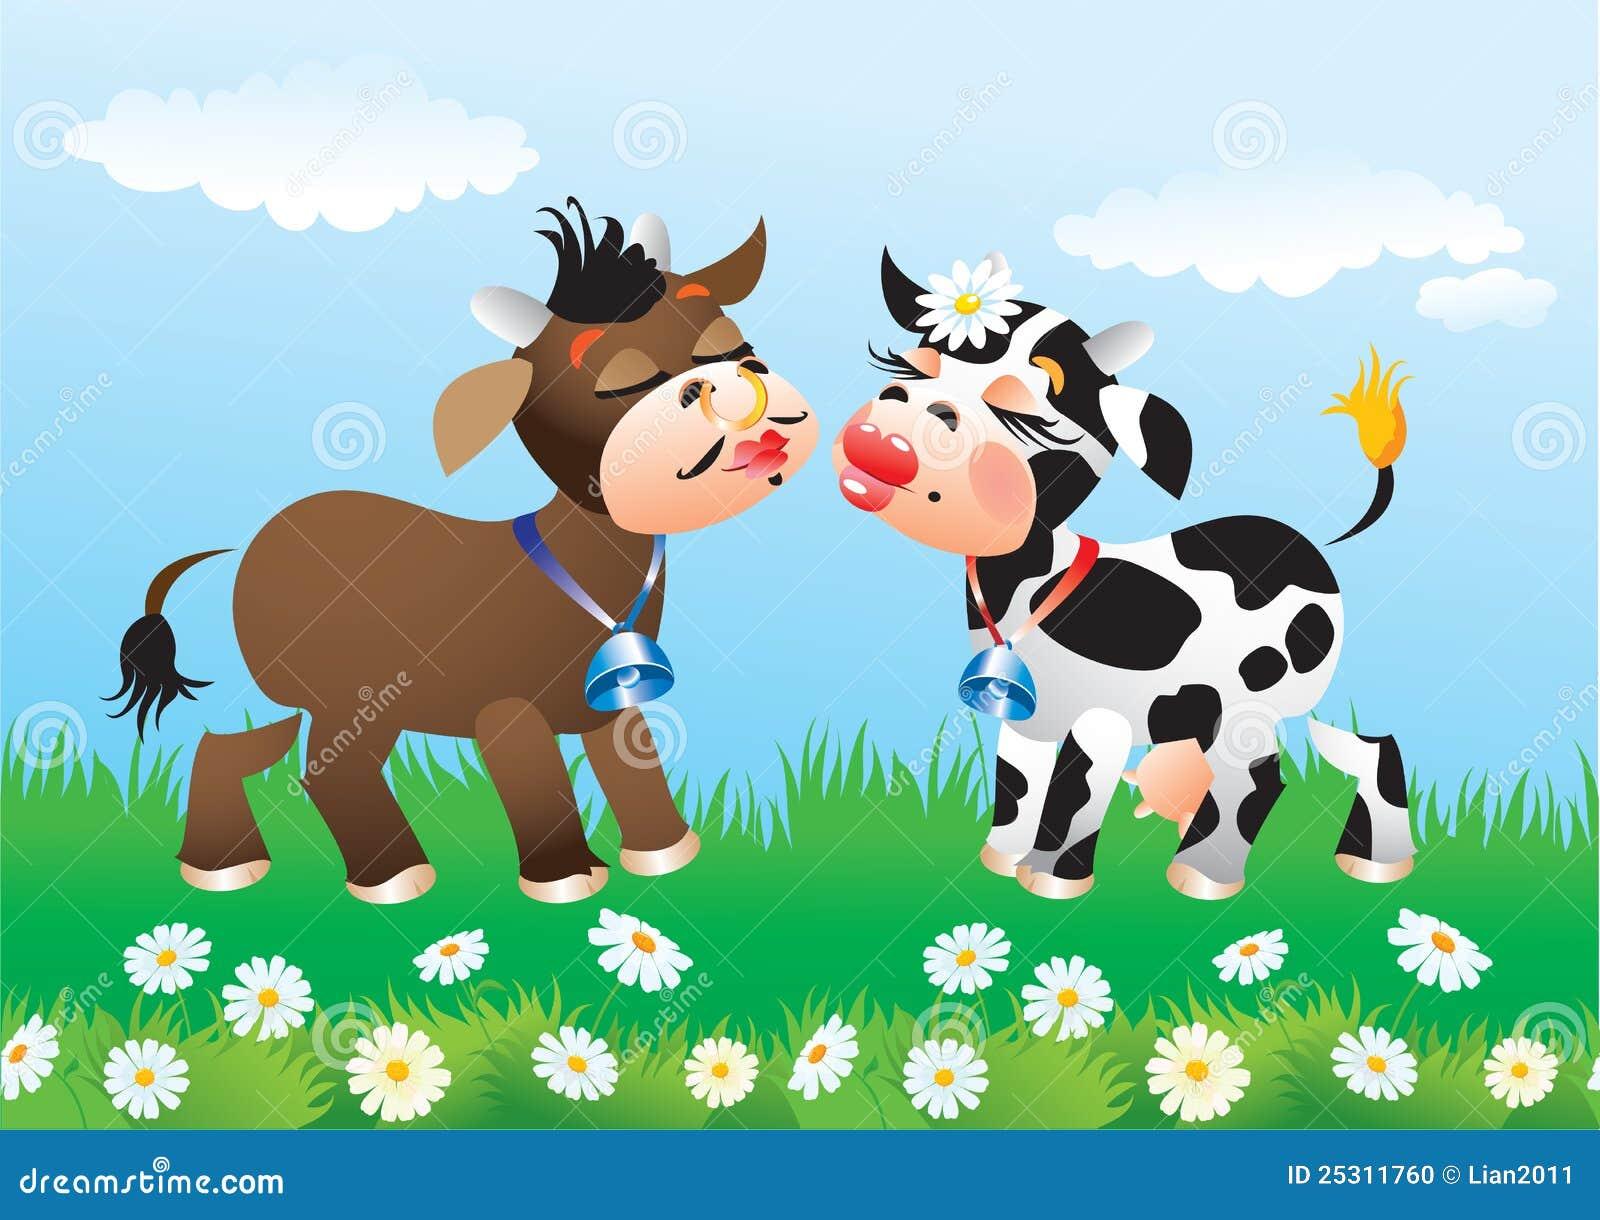 Dessin anim embrassant des vaches dans l 39 amour illustration de vecteur illustration du dessin - Dessin de l amour ...